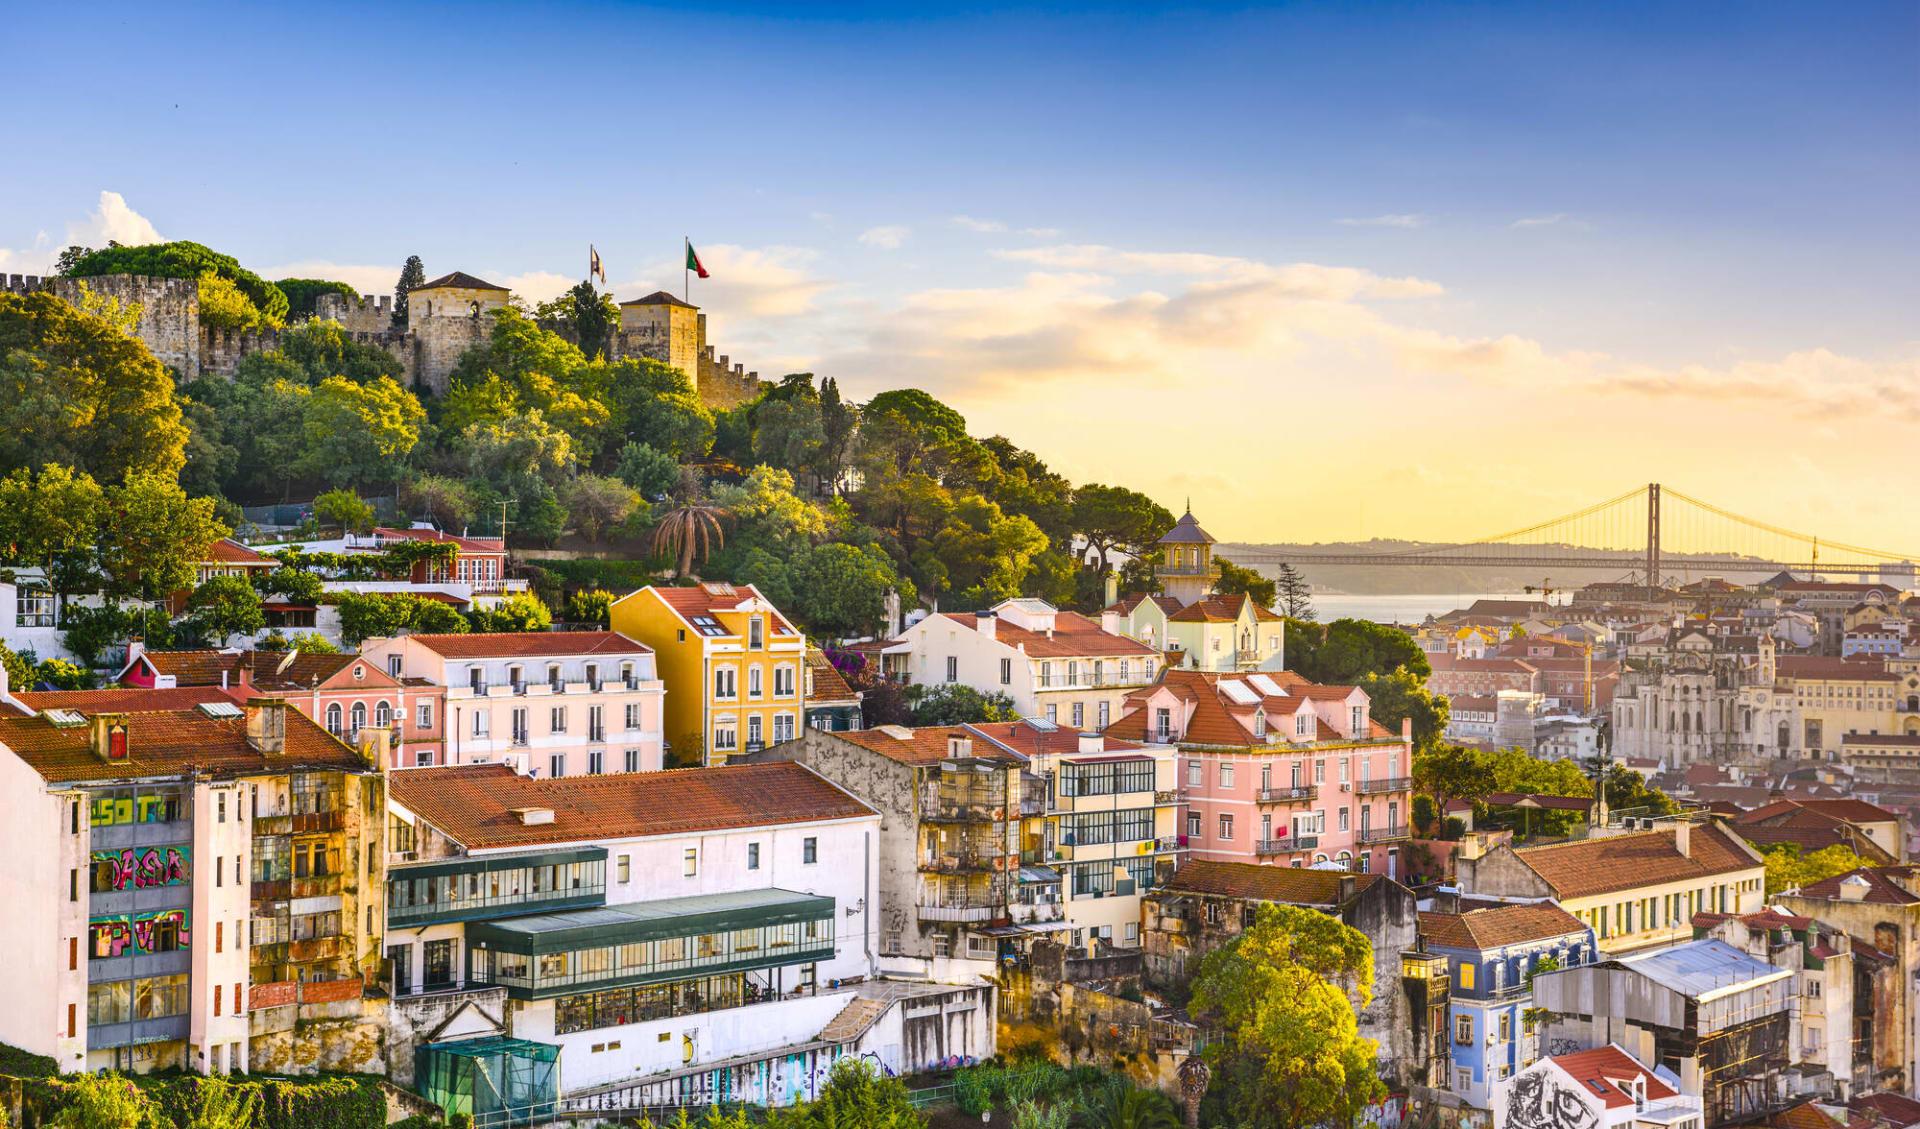 Landwirtschaftliche Leserreise der BauernZeitung nach Portugal ab Lissabon: Portugal - Lissabon - Aussblick über Stadt